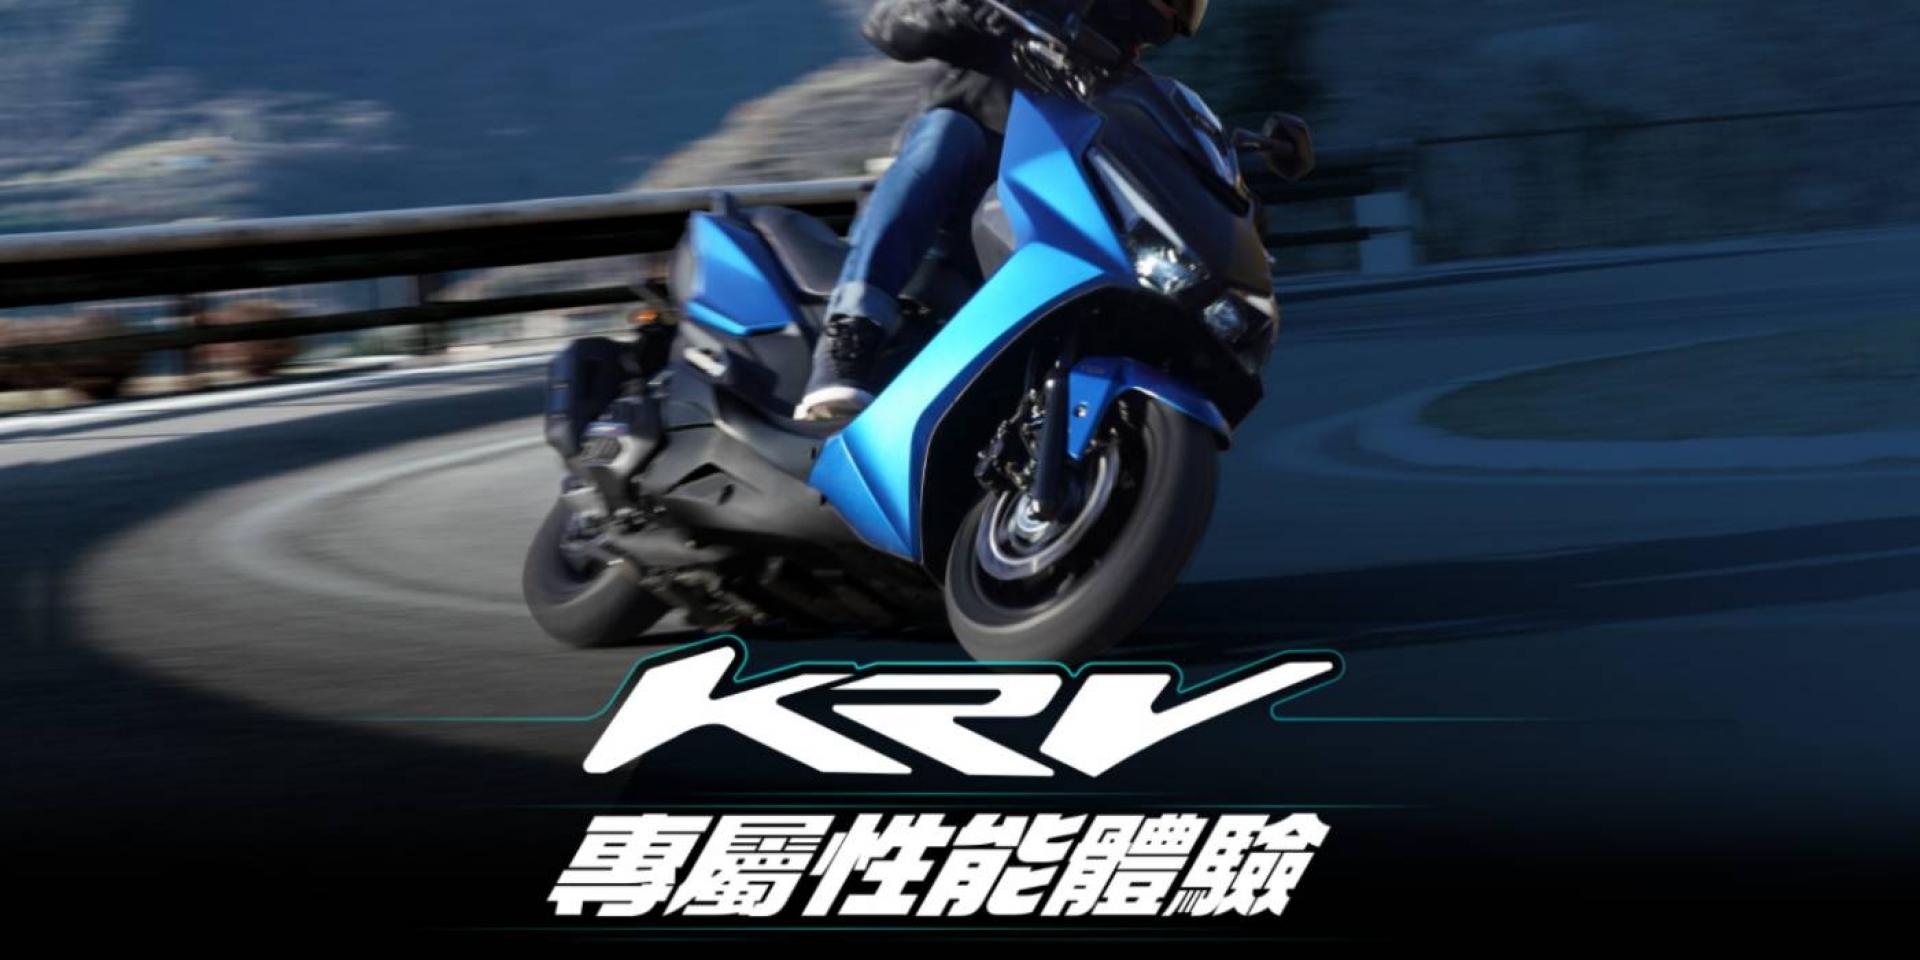 KYMCO KRV免費換傳動,車主專屬性能體驗方案出爐!